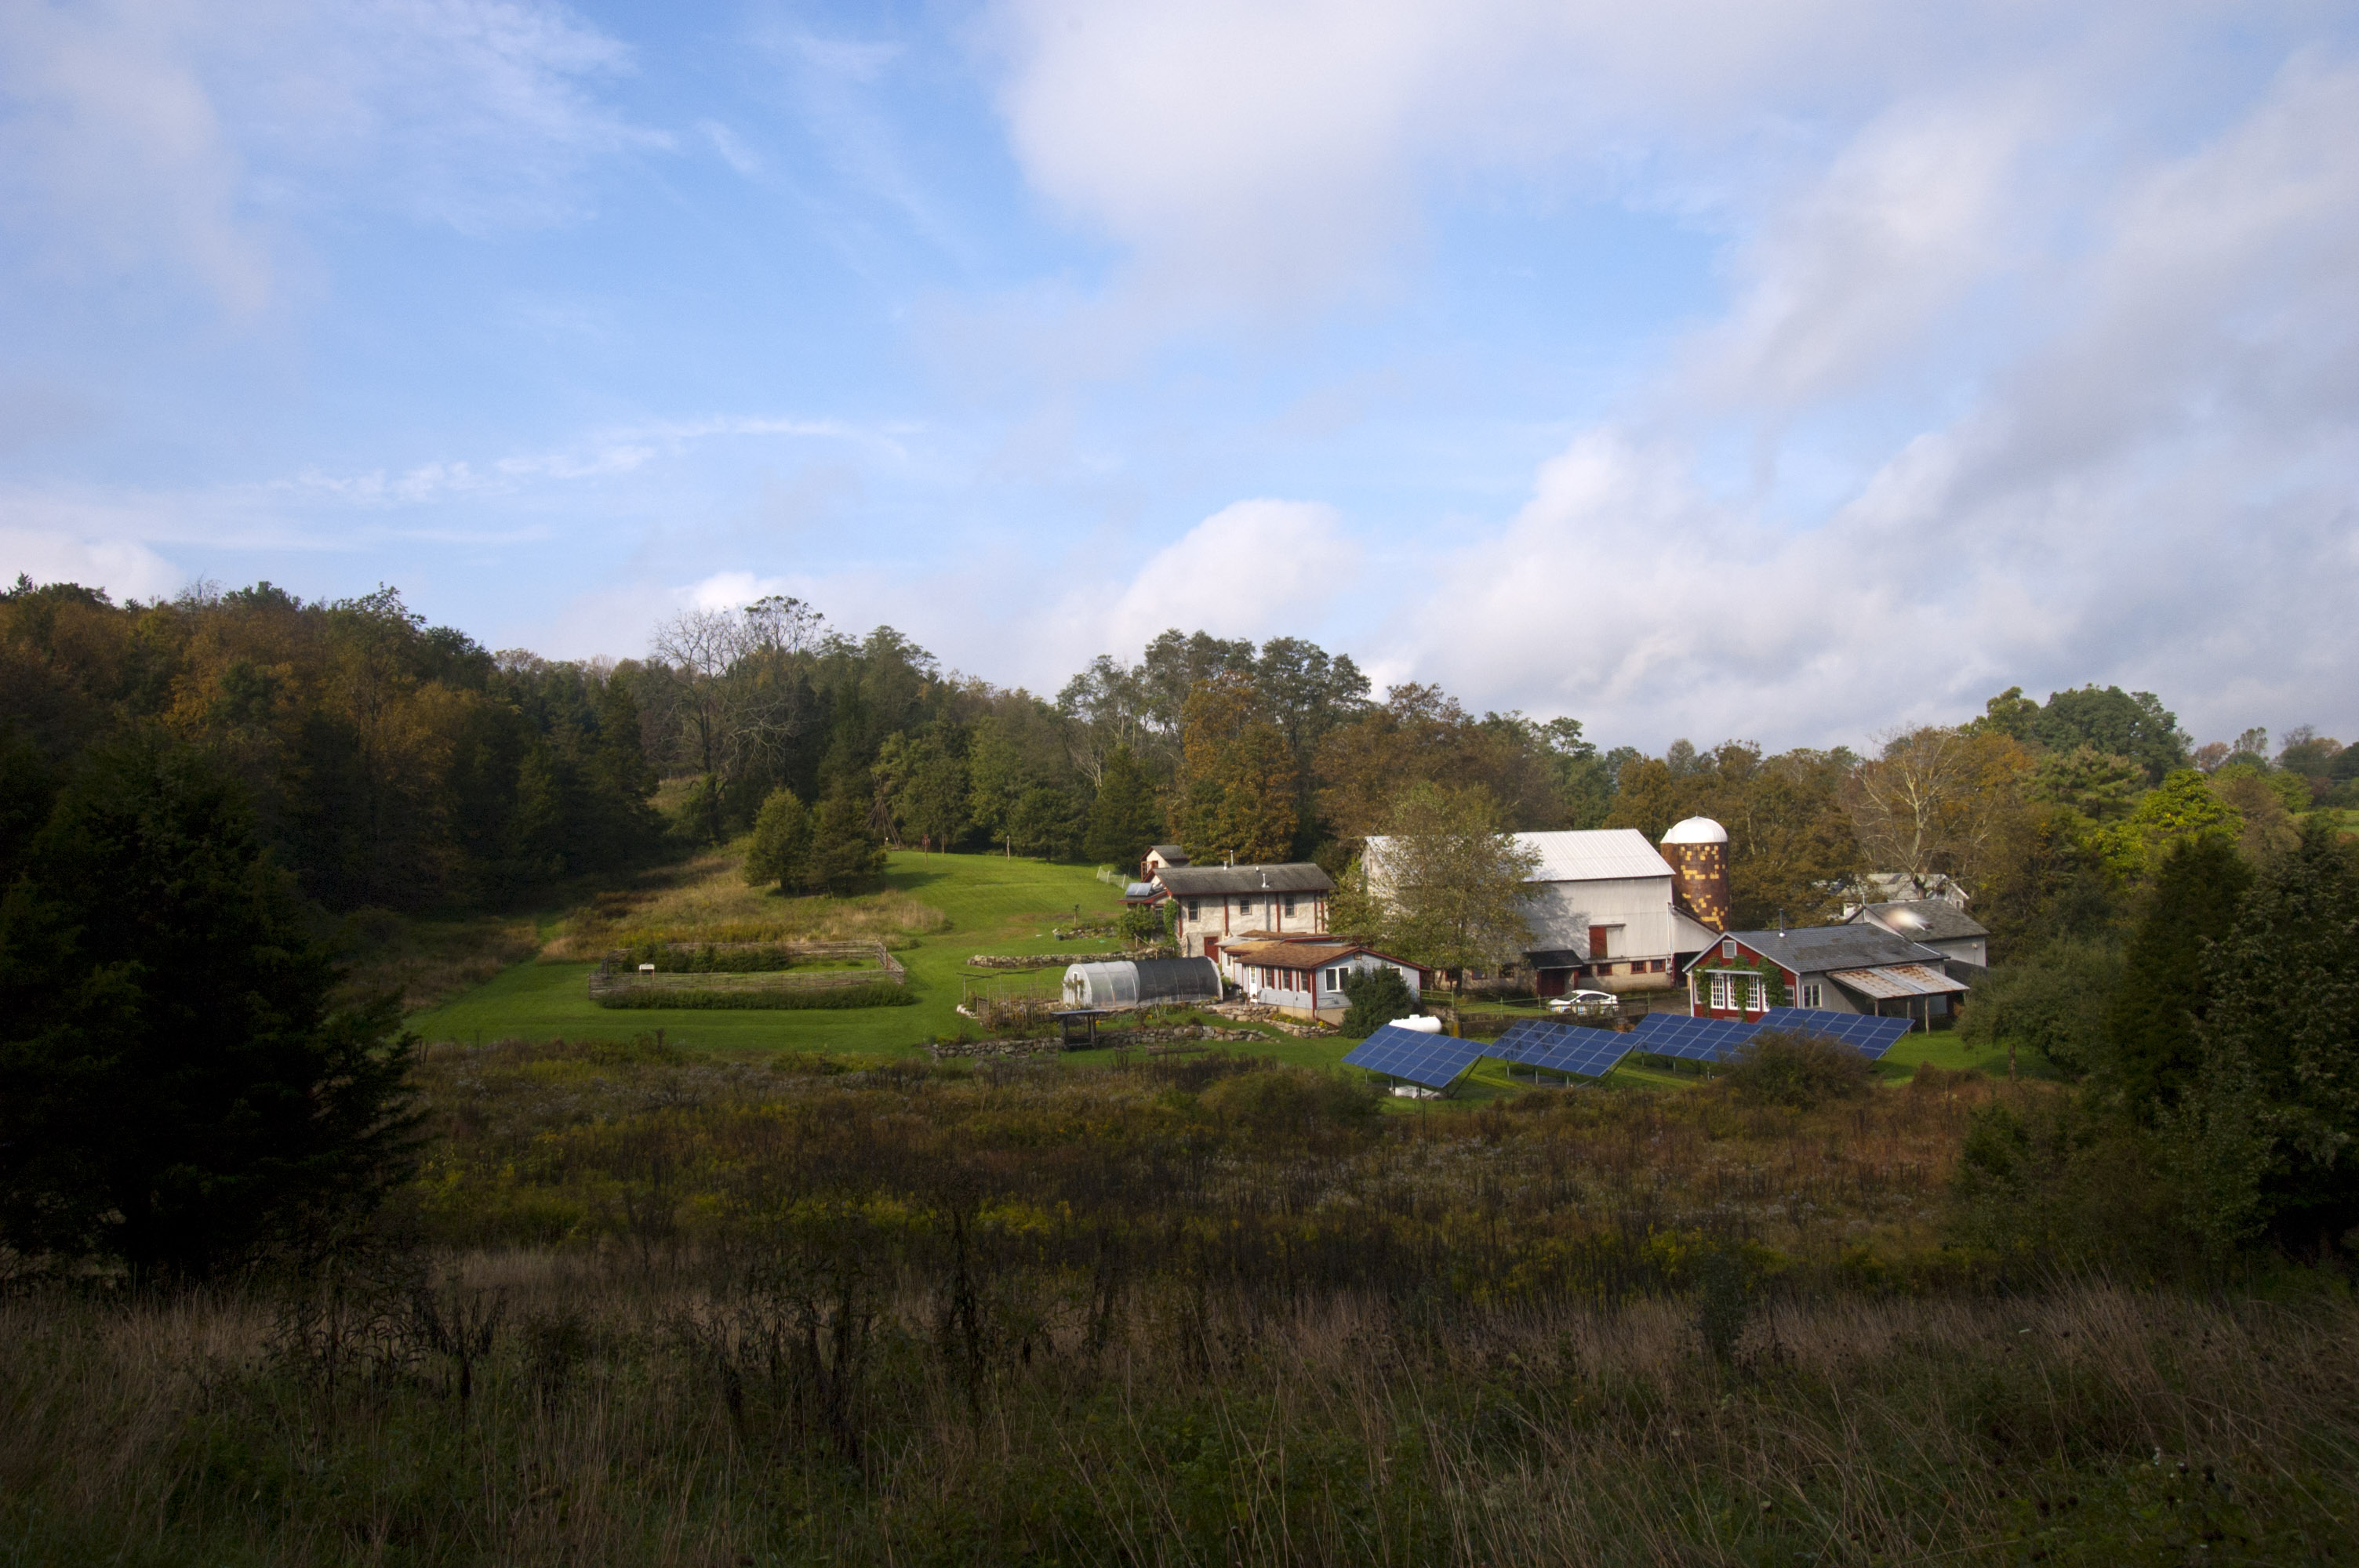 Genesis Farm, in Blairstown, N.J.